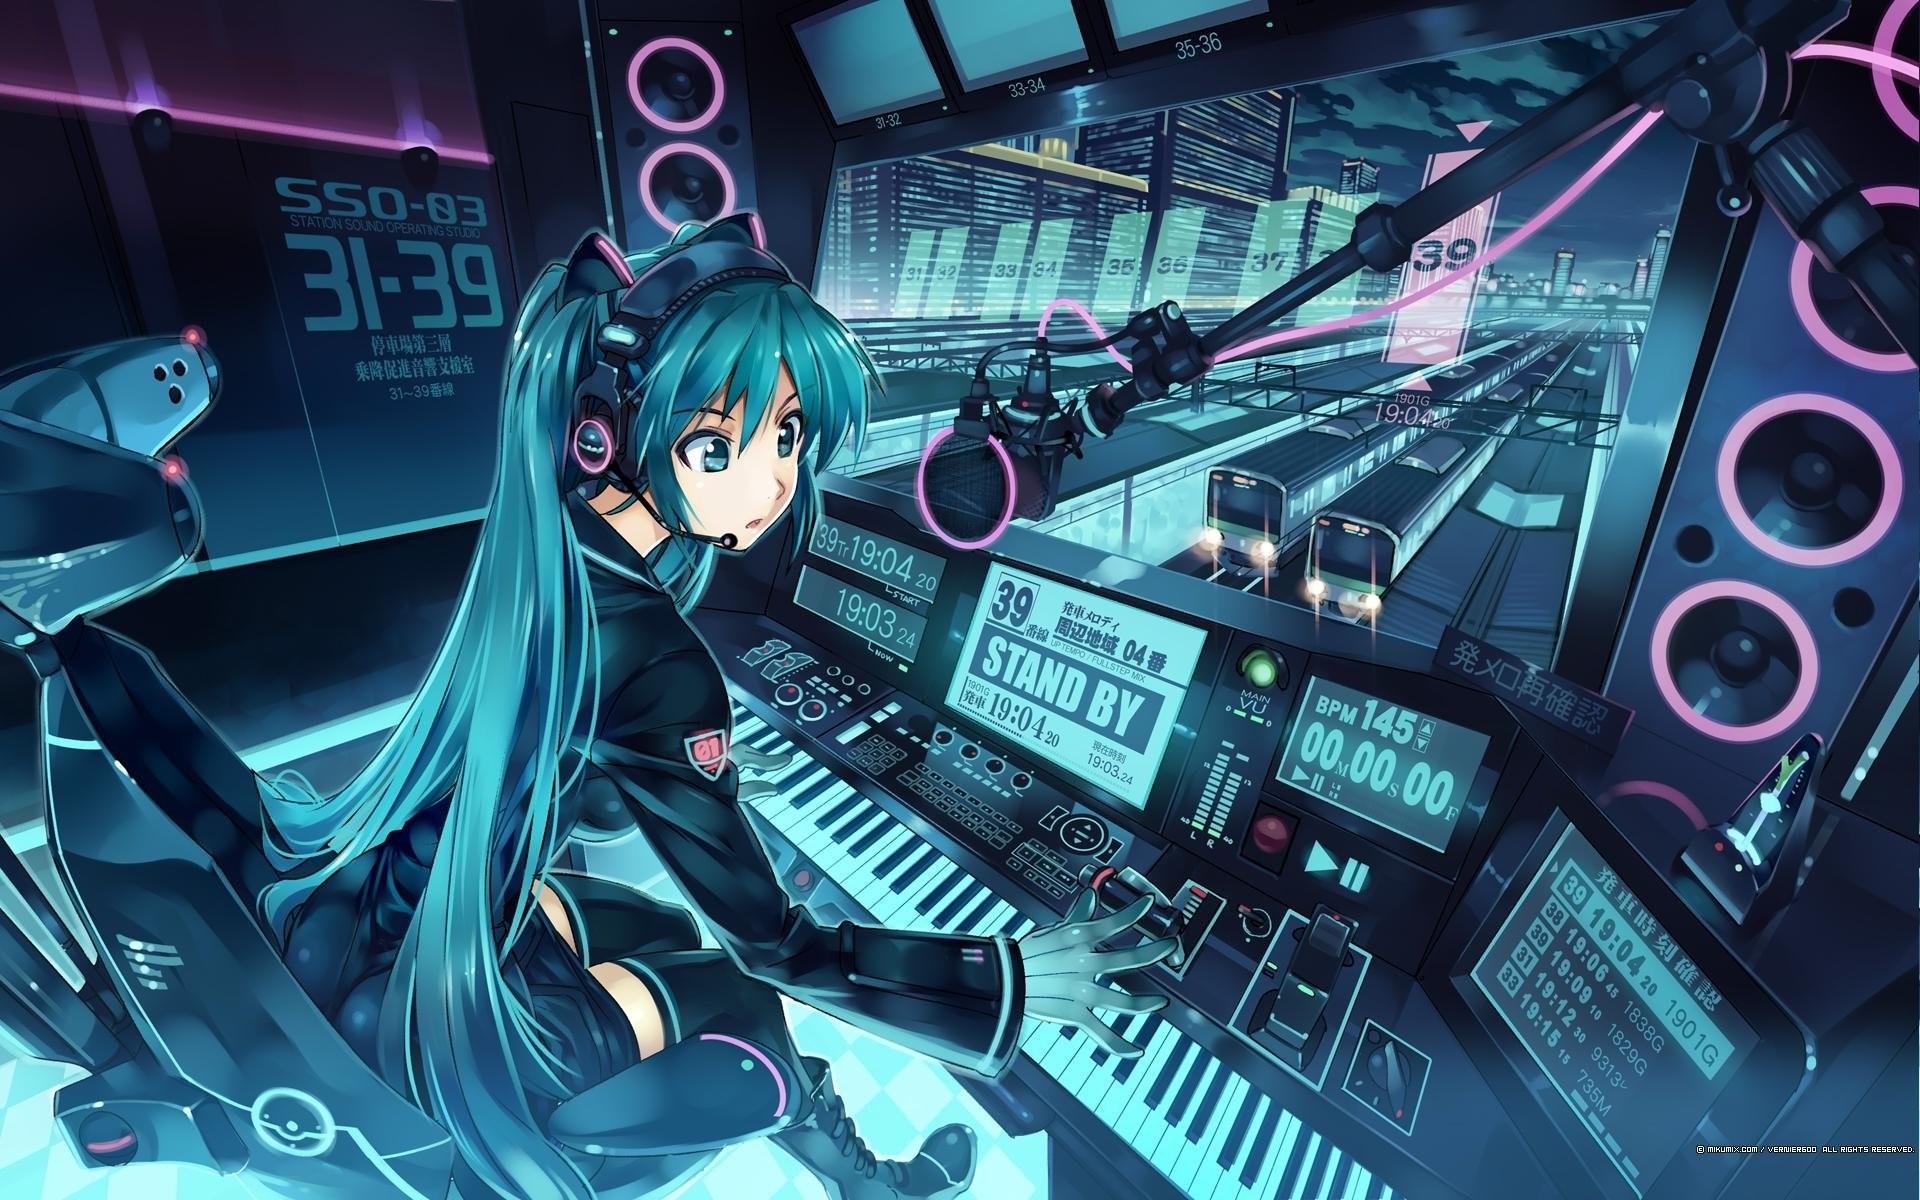 Anime Gamer Wallpaper 71 Images